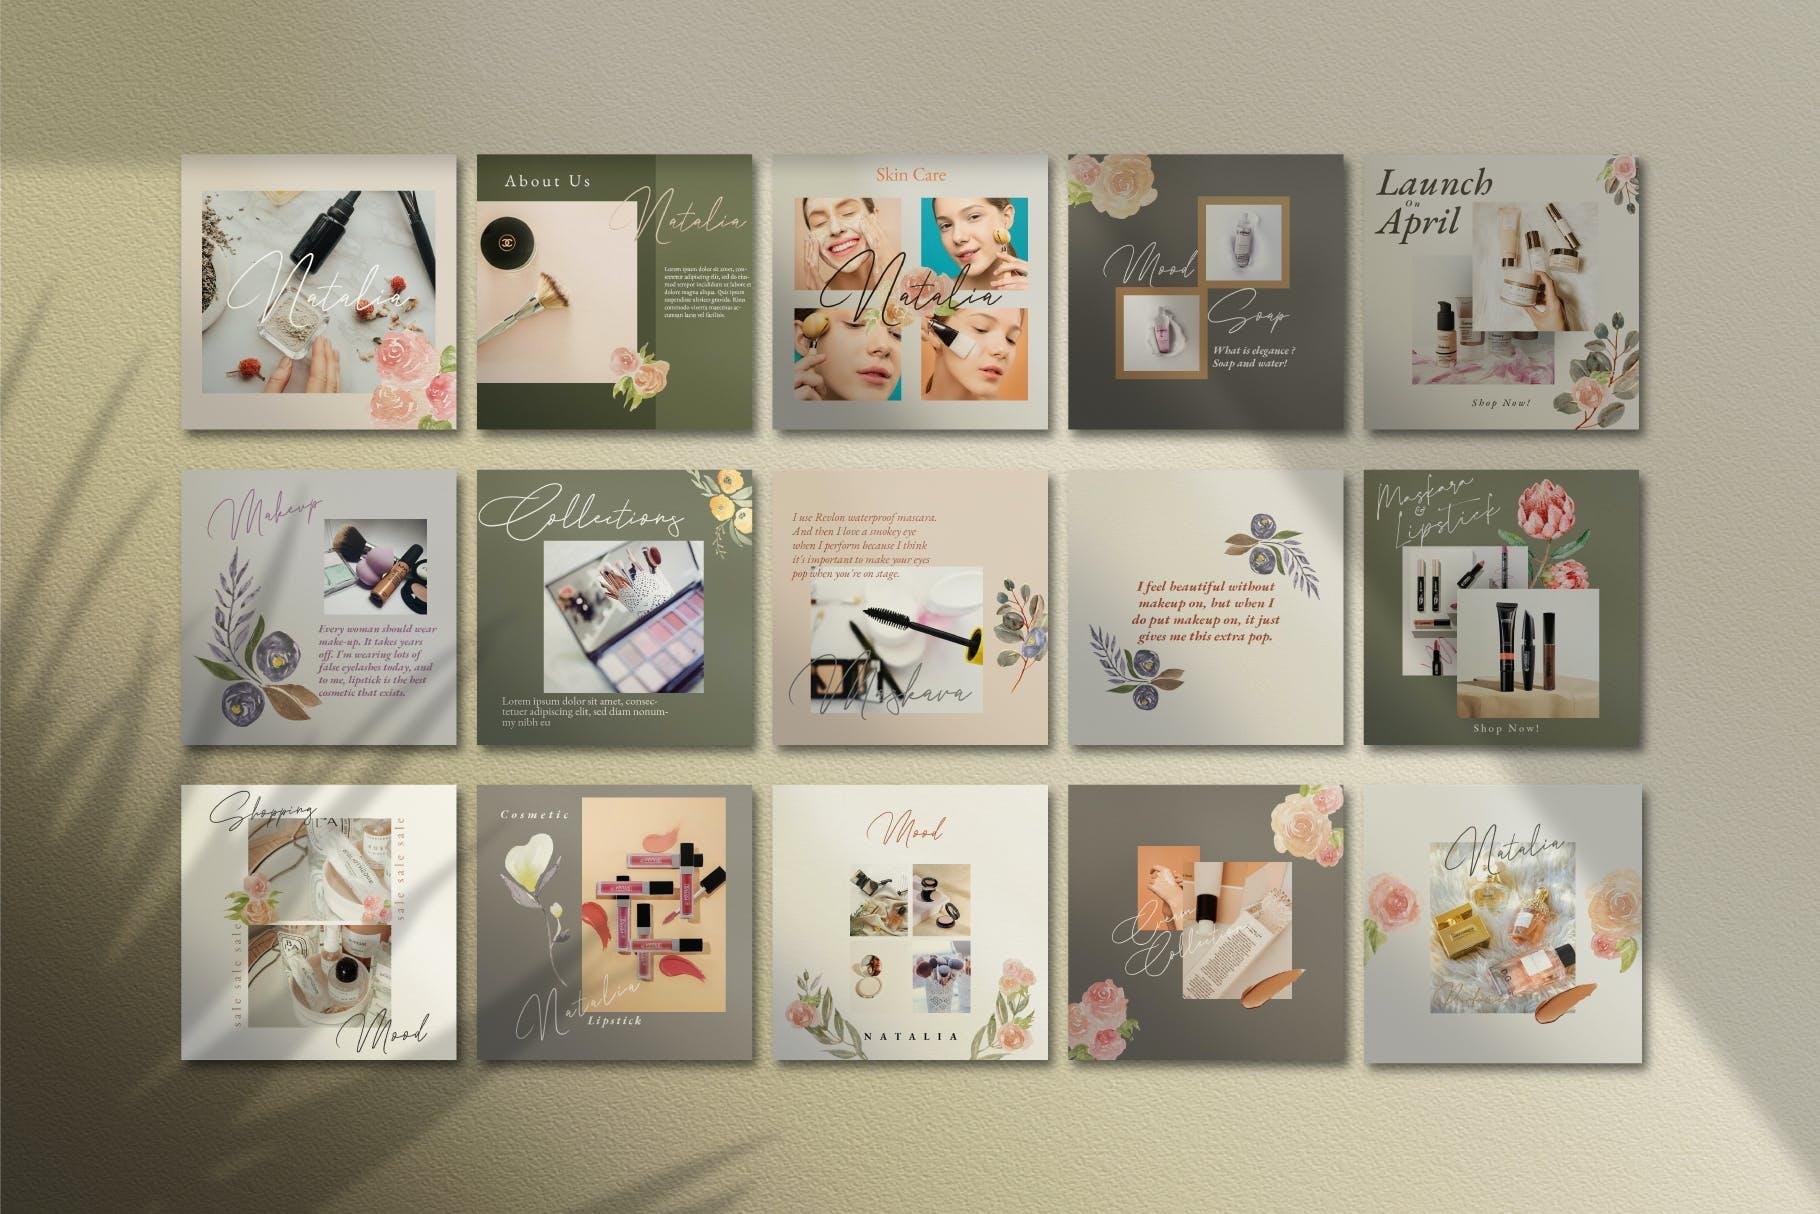 时尚化妆品品牌推广新媒体电商海报设计模板 Natalia – Instagram Post and Stories插图(7)